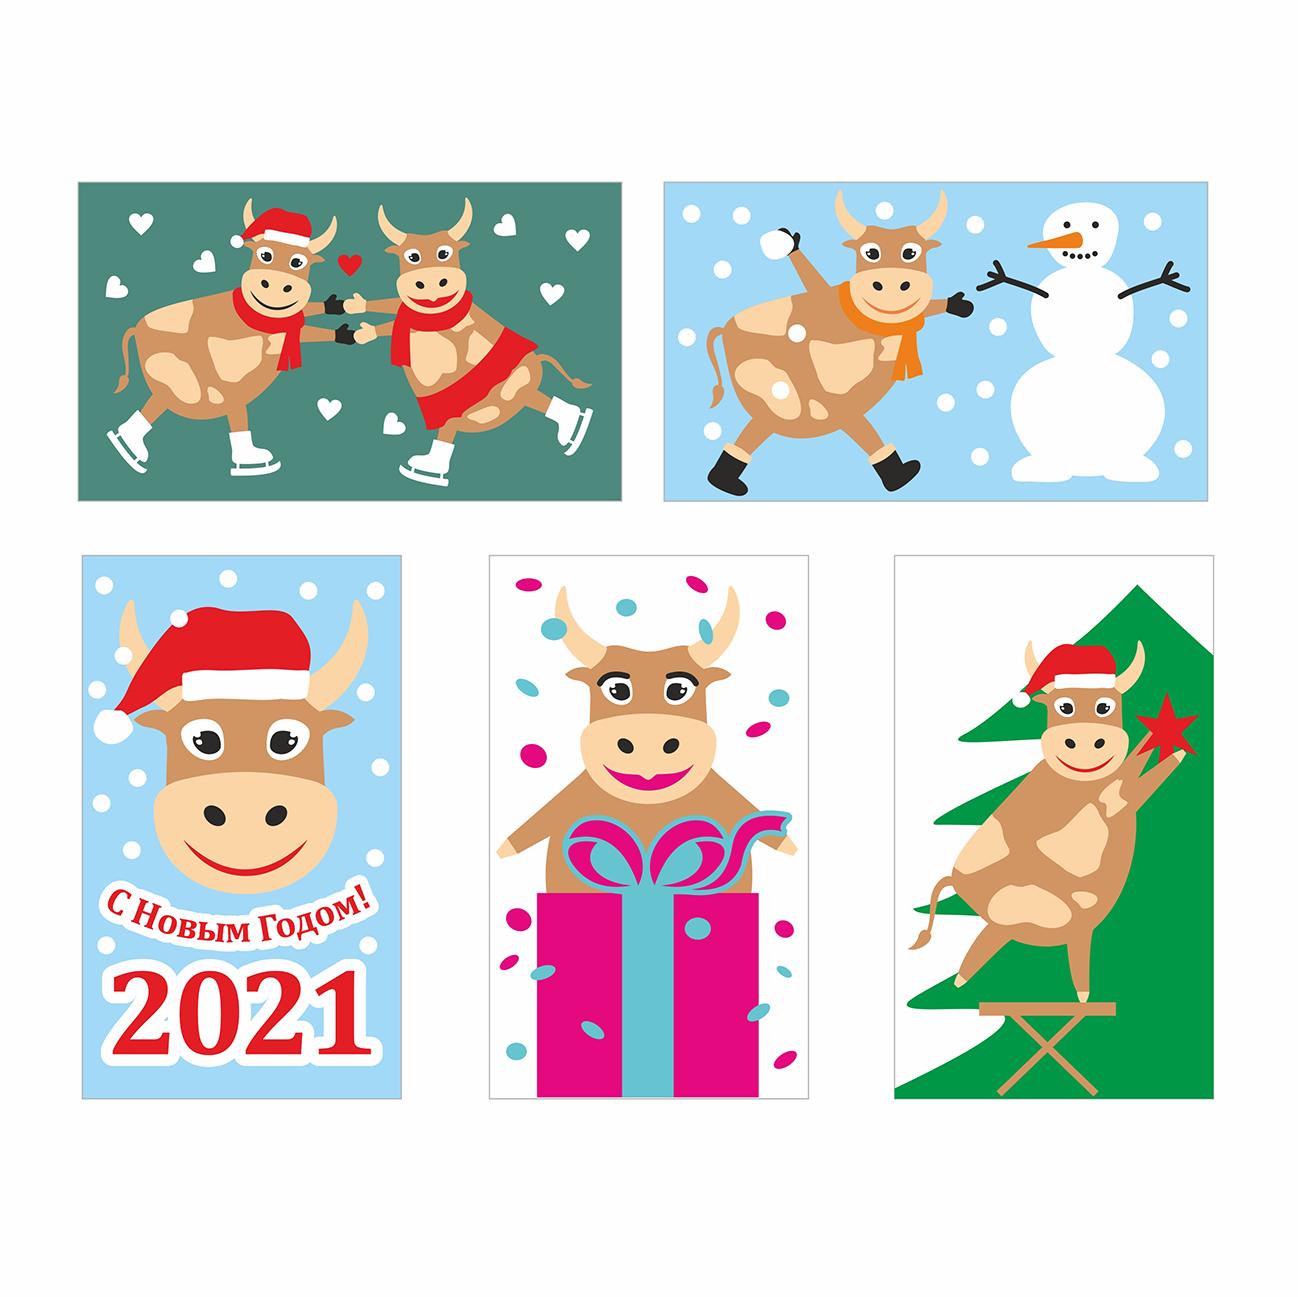 Создать рисунки быков, символа 2021 года, для реализации в м фото f_8805ee08fa1712dc.jpg